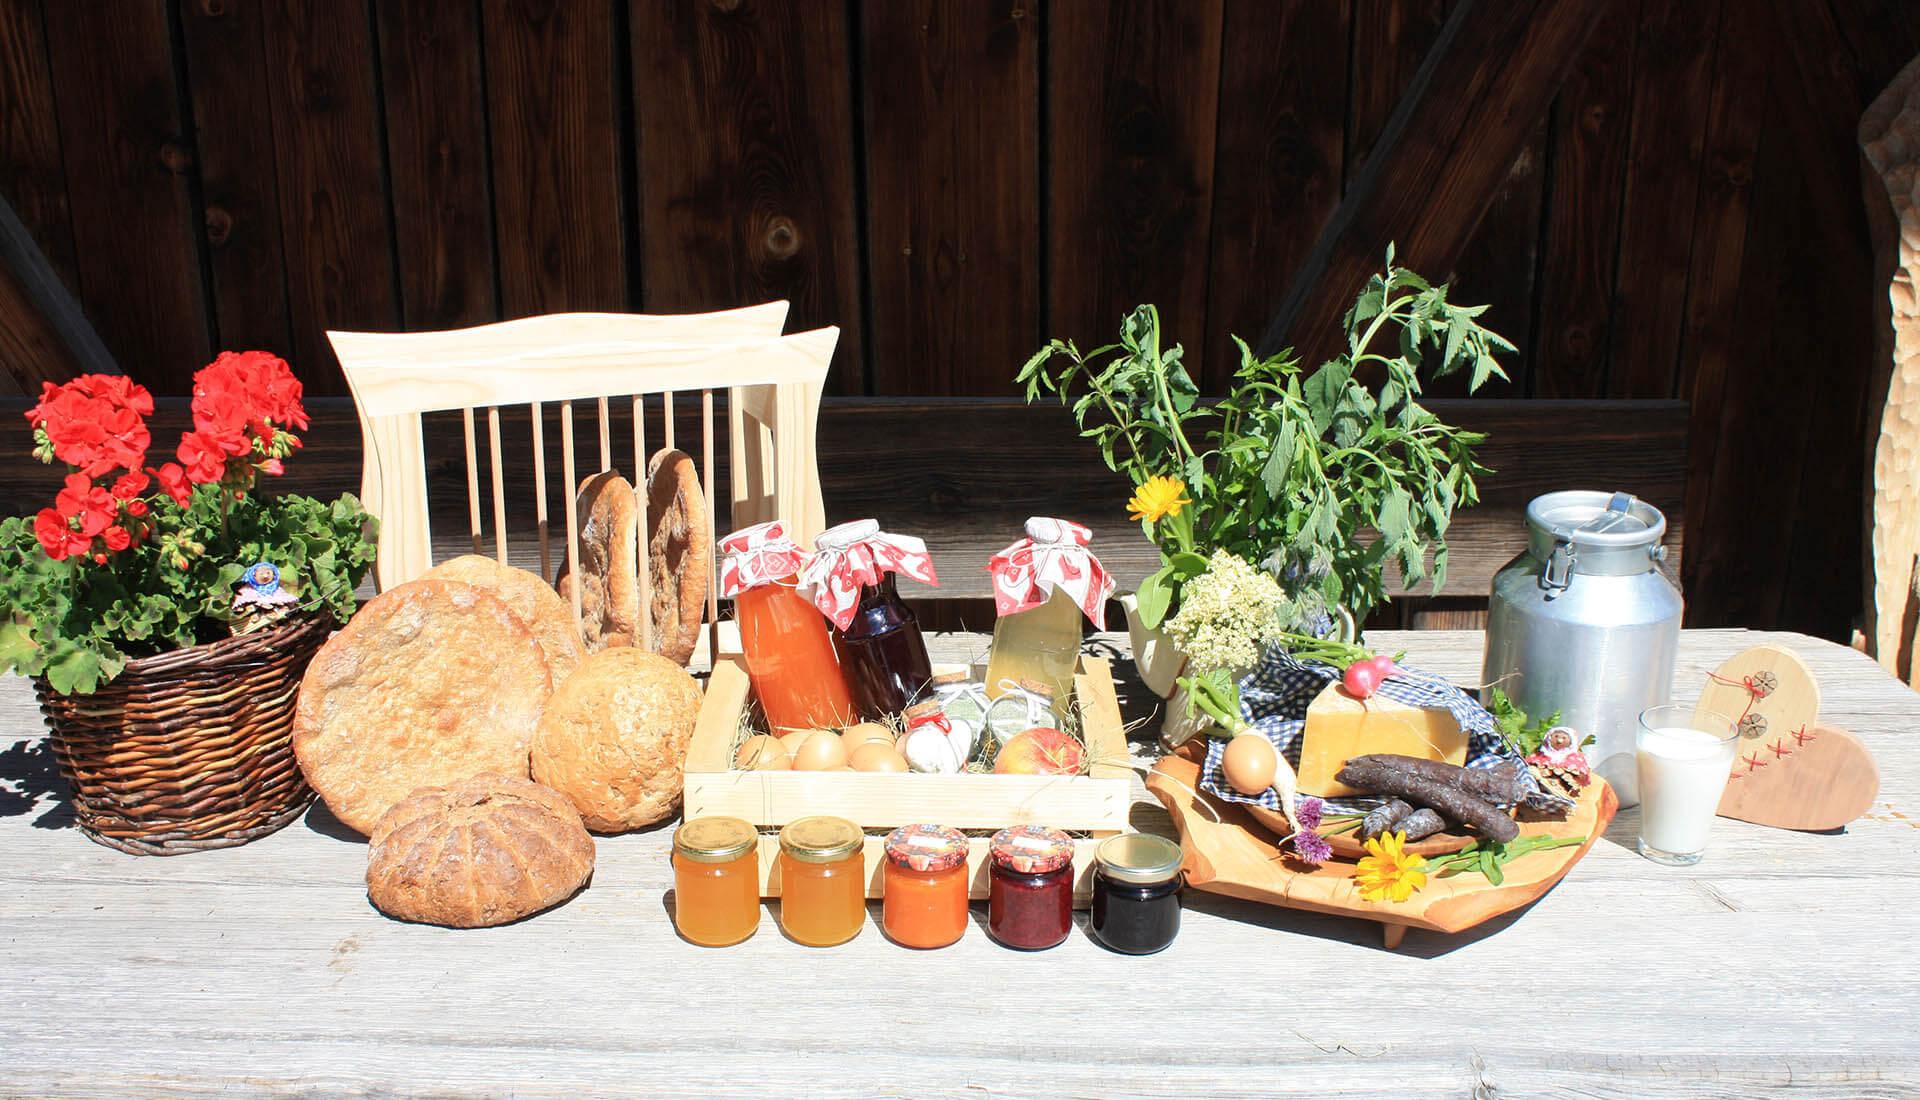 Leckere Hofprodukte aus Kastelruth